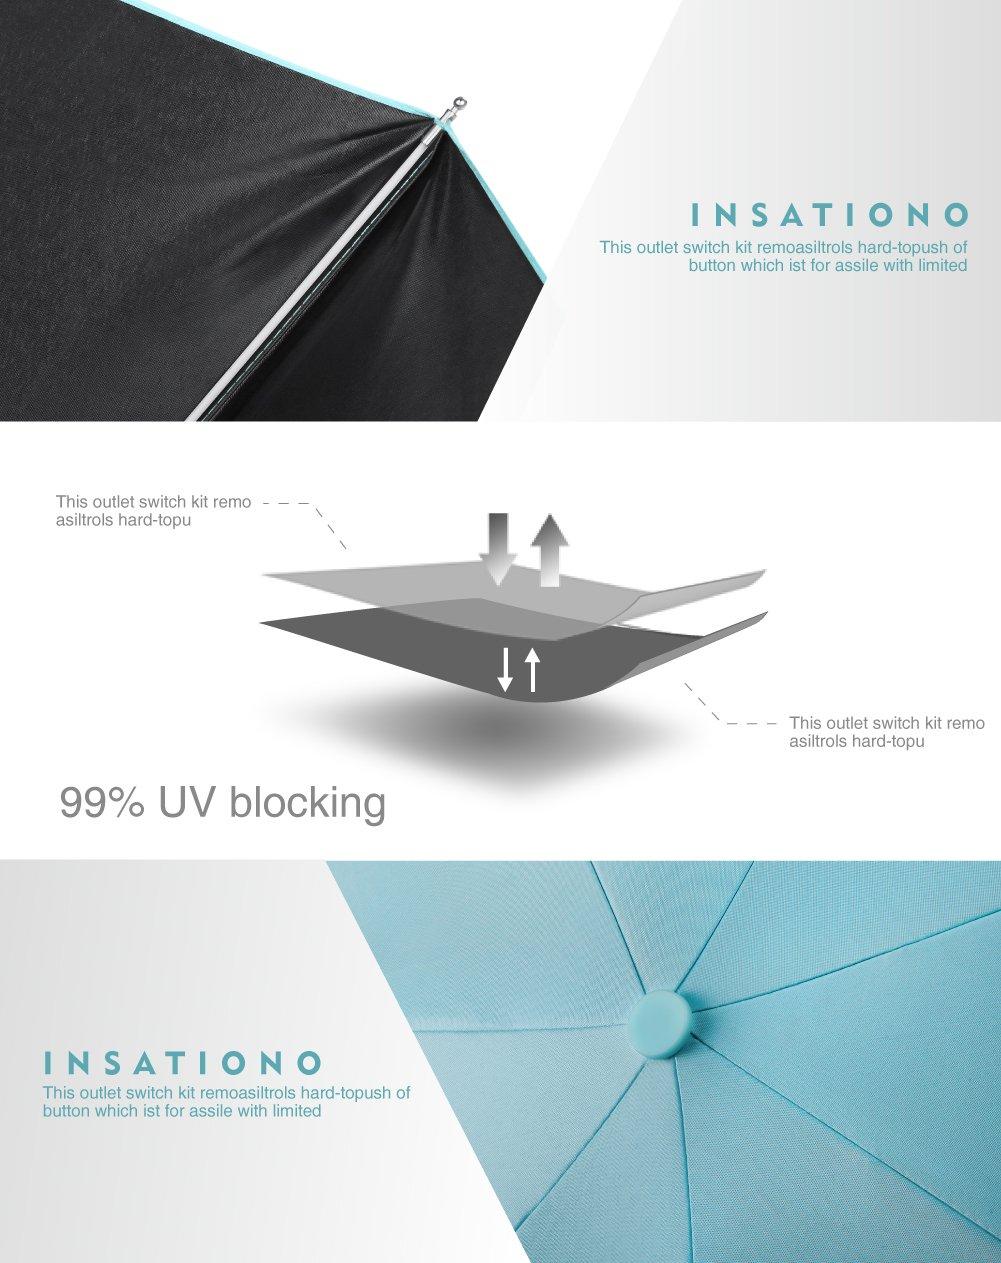 Plemo Paraguas Plegable Mini Paraguas Tiffany Blue Anti - UV y Compacto Ultra- Ligero ideal para los viajes y el verano: Amazon.es: Equipaje